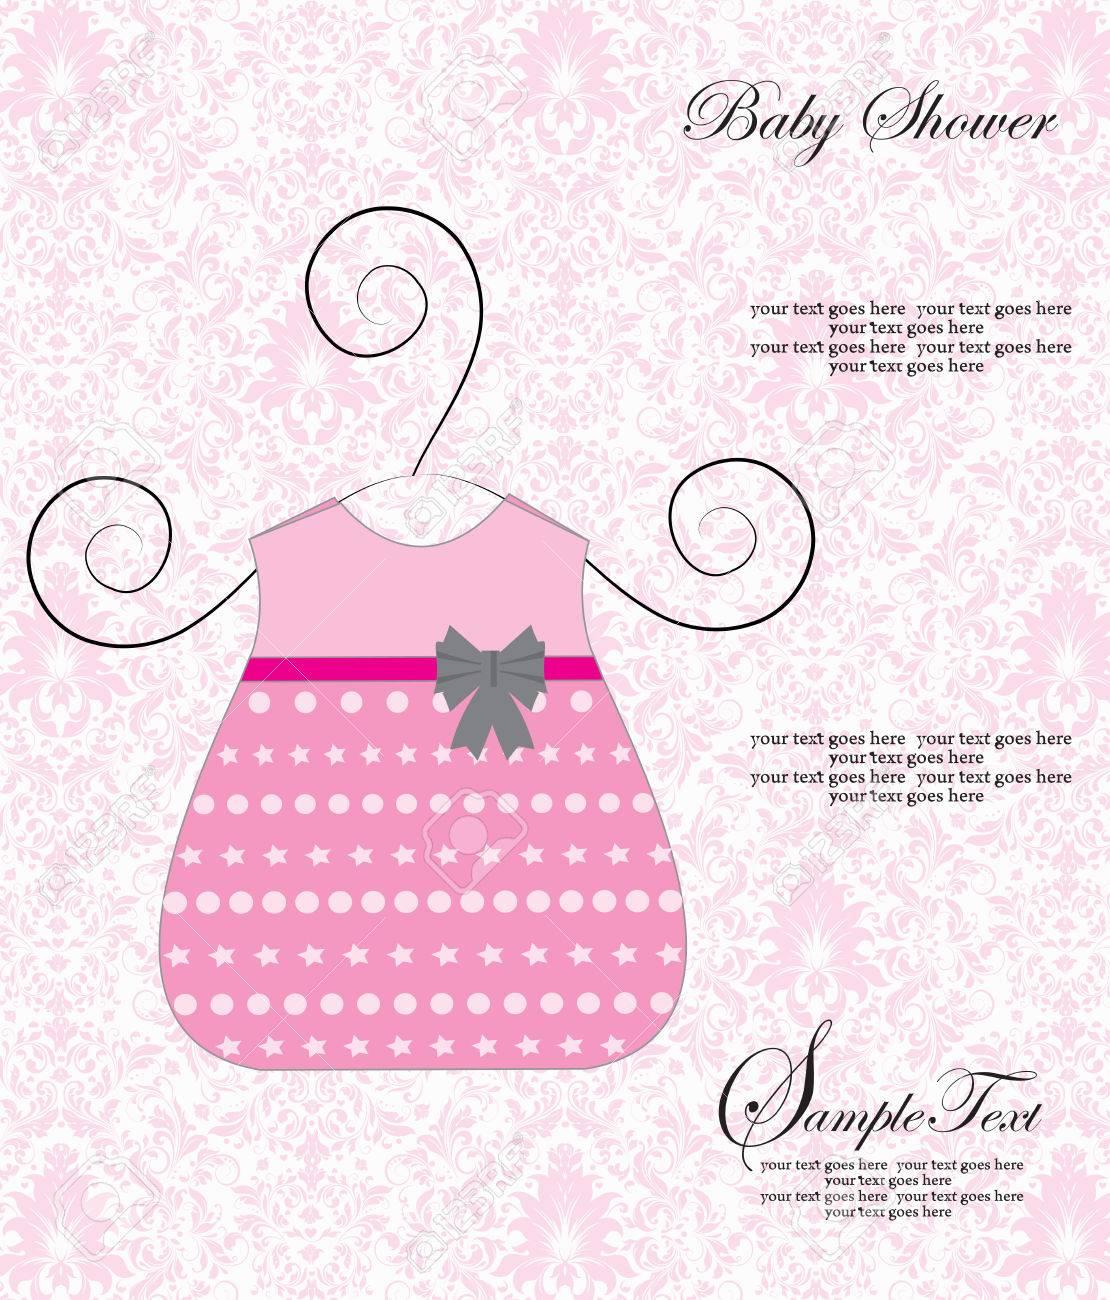 Vintage Tarjeta De Invitación Baby Shower Con Diseño Adornado Elegante Retro Abstracto Floral Vestido Rosa Con Cinta Gris En Color Rosa Pálido Y